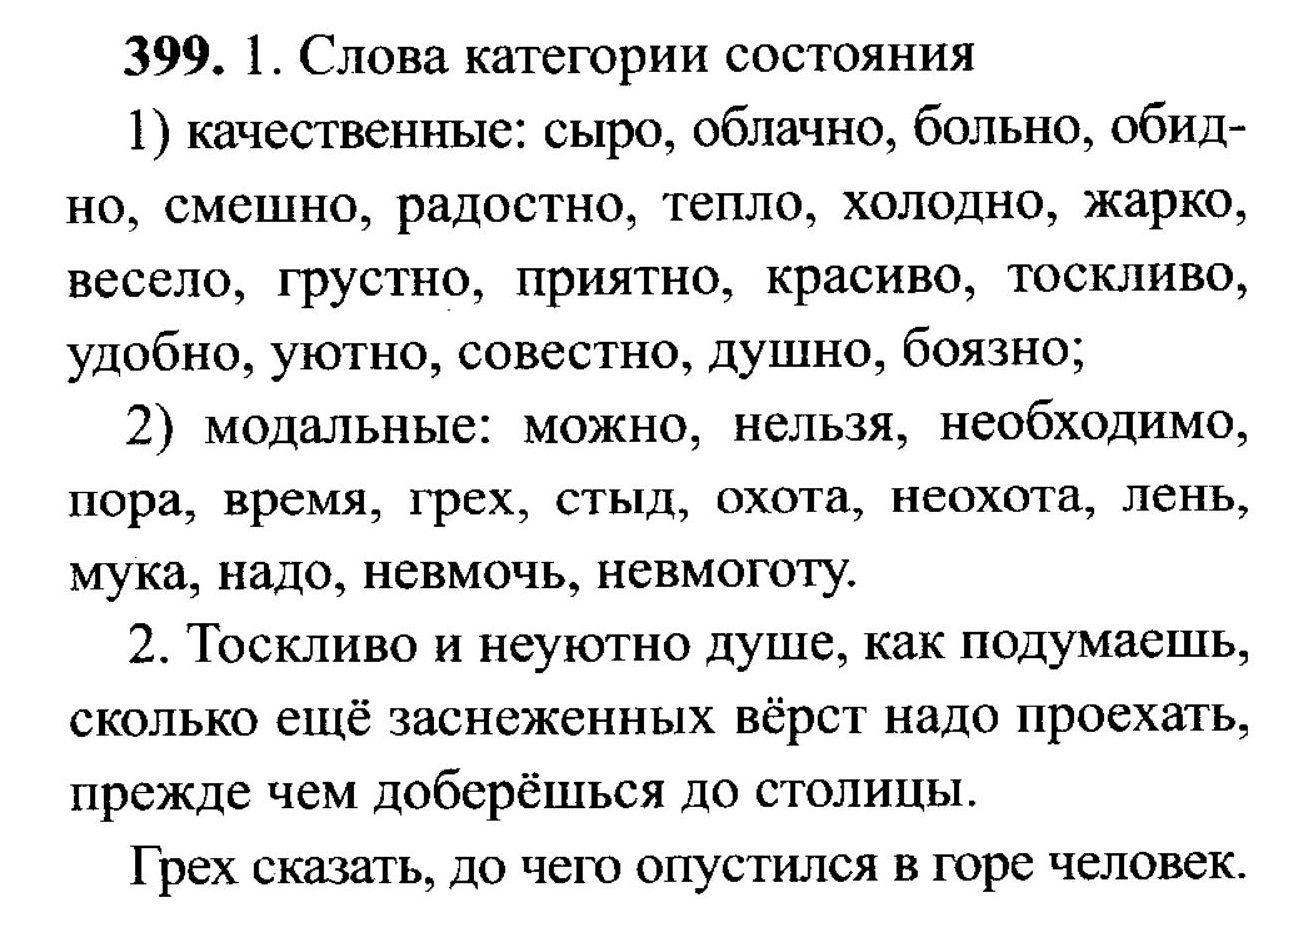 Решебник по русскому языку 6 класс 2018 года львова и львов 1 часть онлайн не скачивать